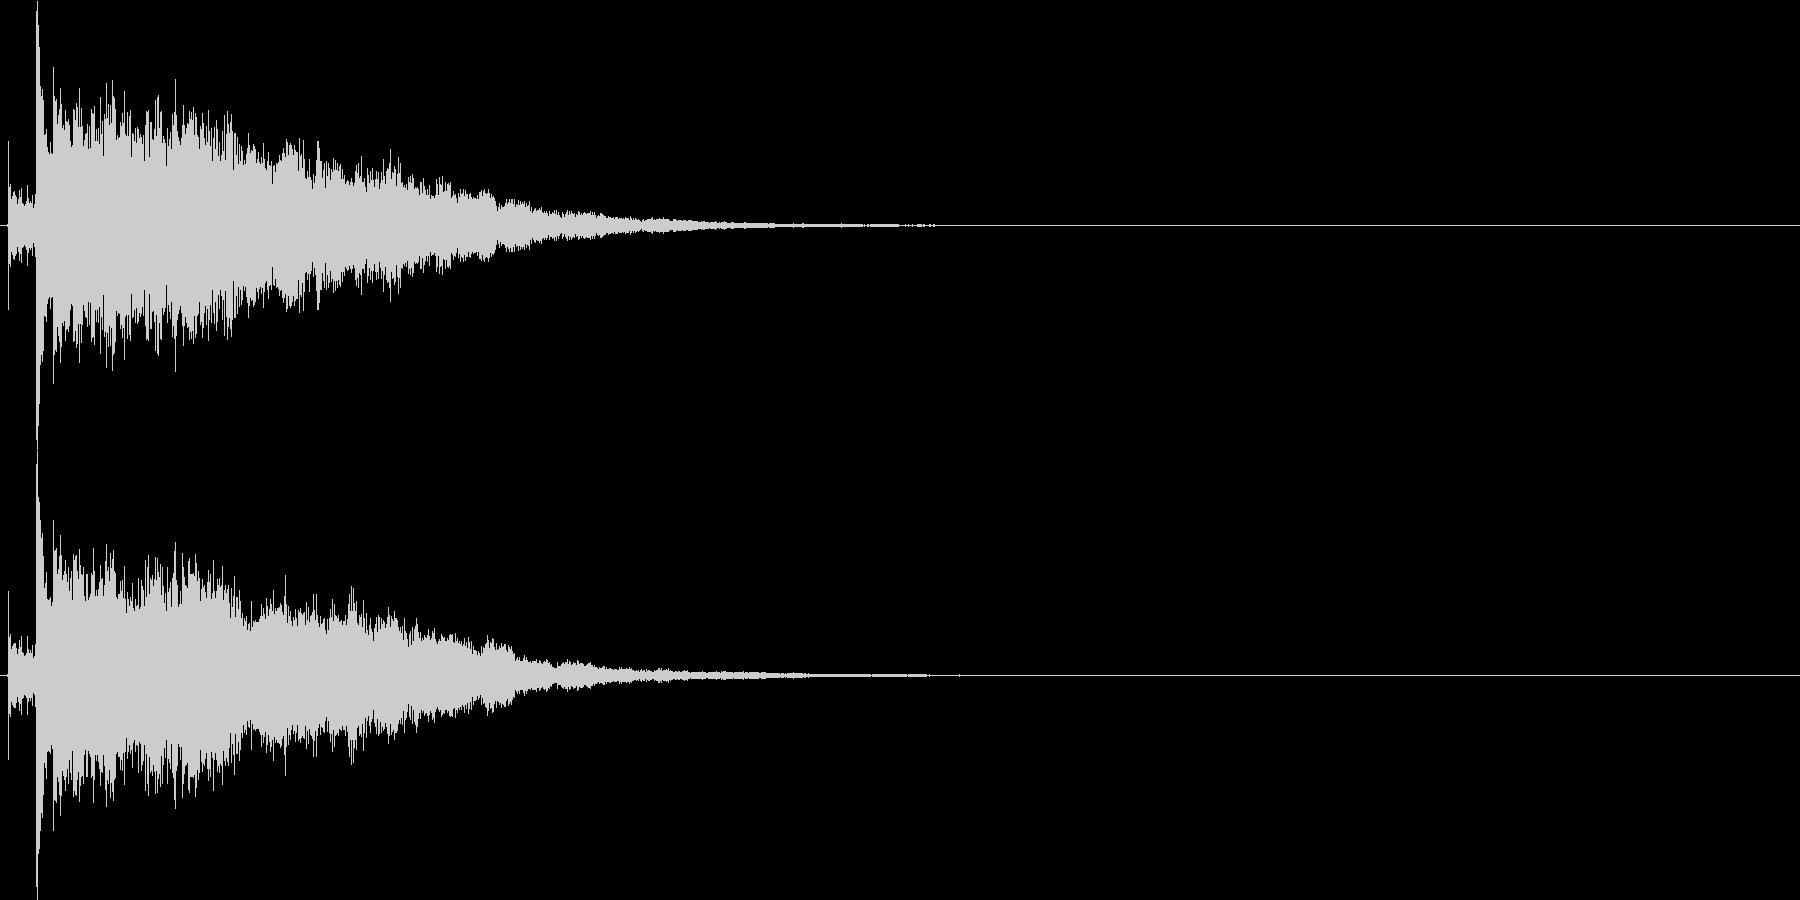 パリン、カシャン(ガラス・鏡が割れる音)の未再生の波形